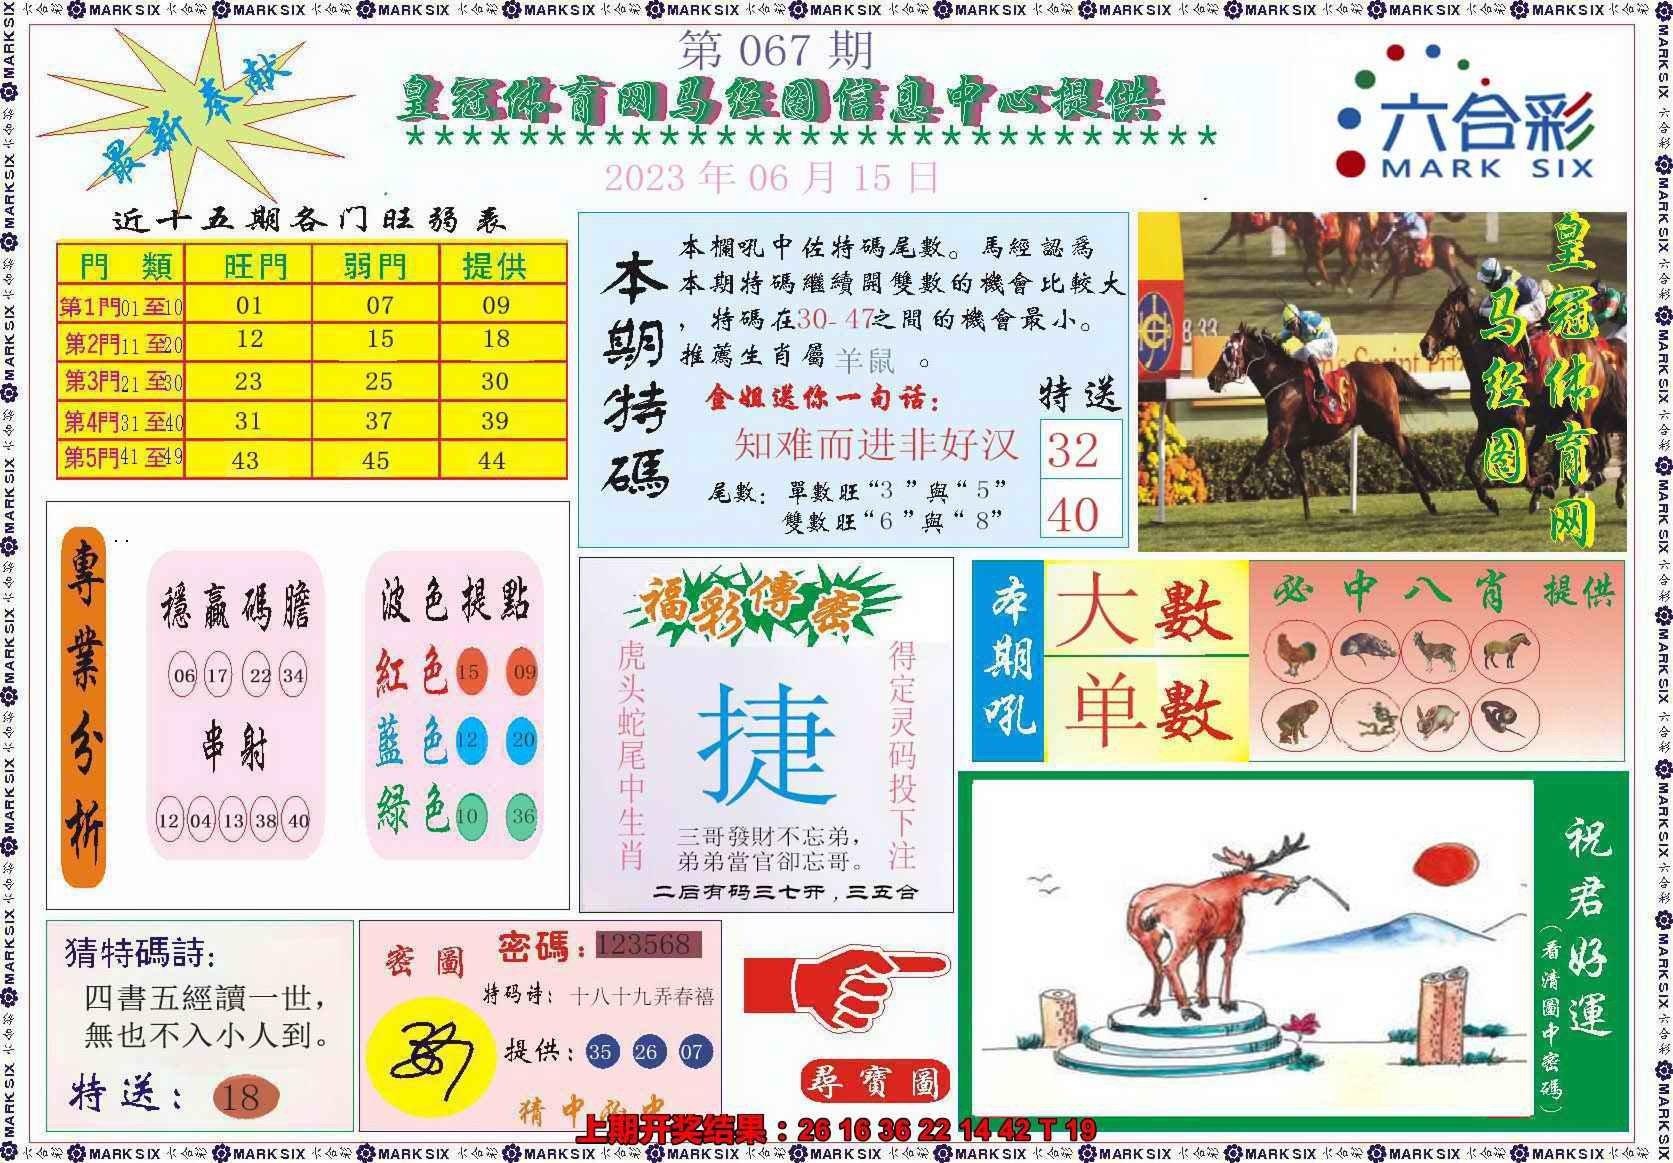 067期皇冠体育网马经图记录